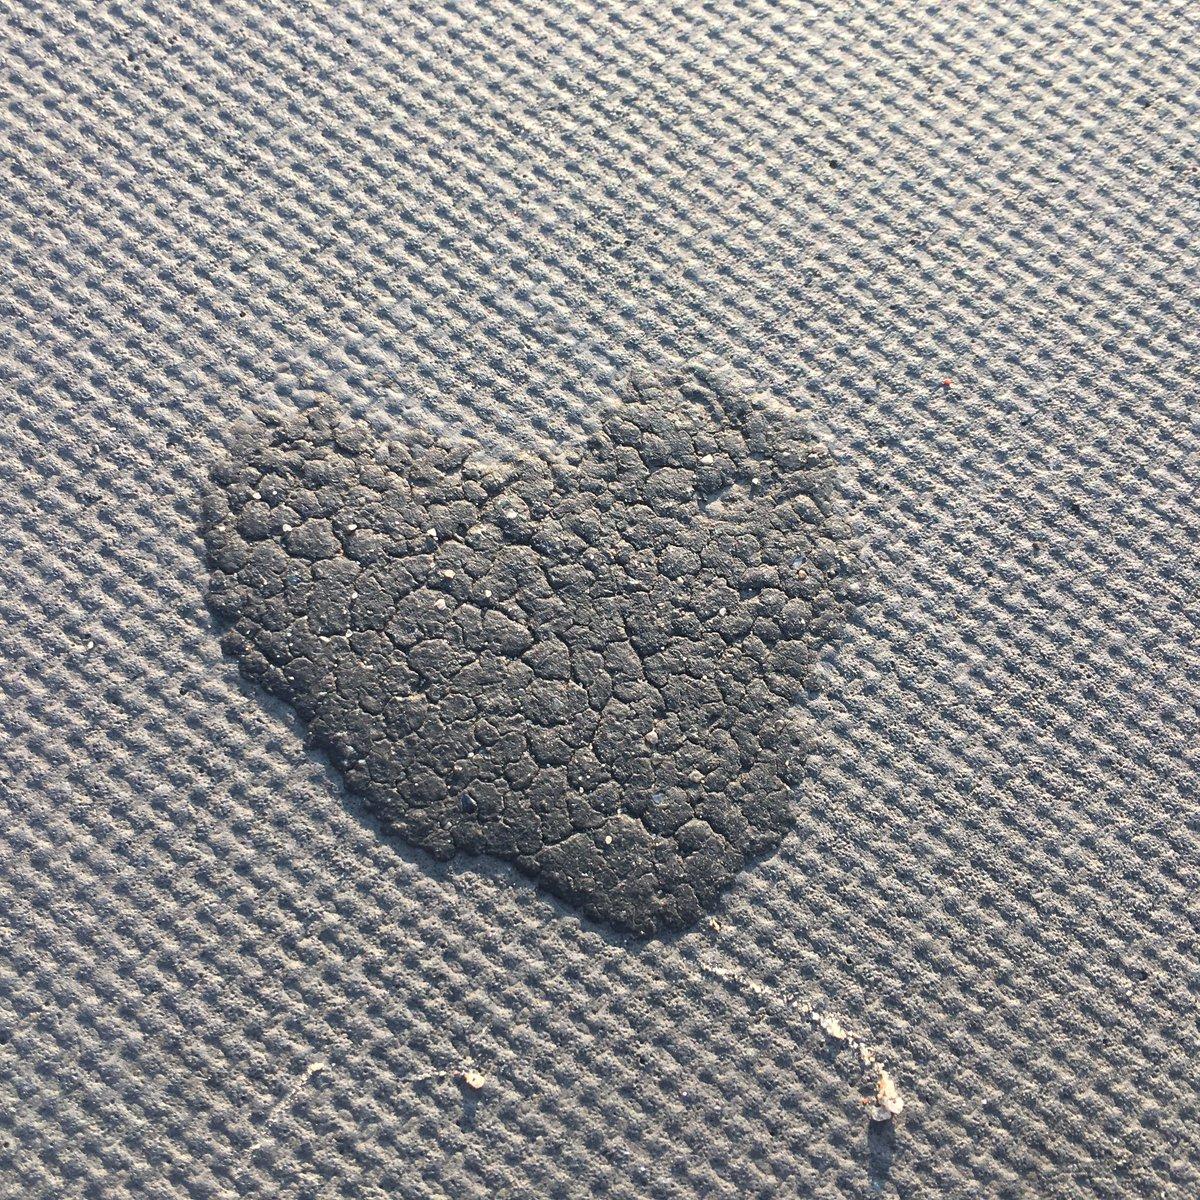 Herzlicher Asphalt für einen guten Start in den Tag. #hach #GutenMorgen https://t.co/n9Y3qsDa1g